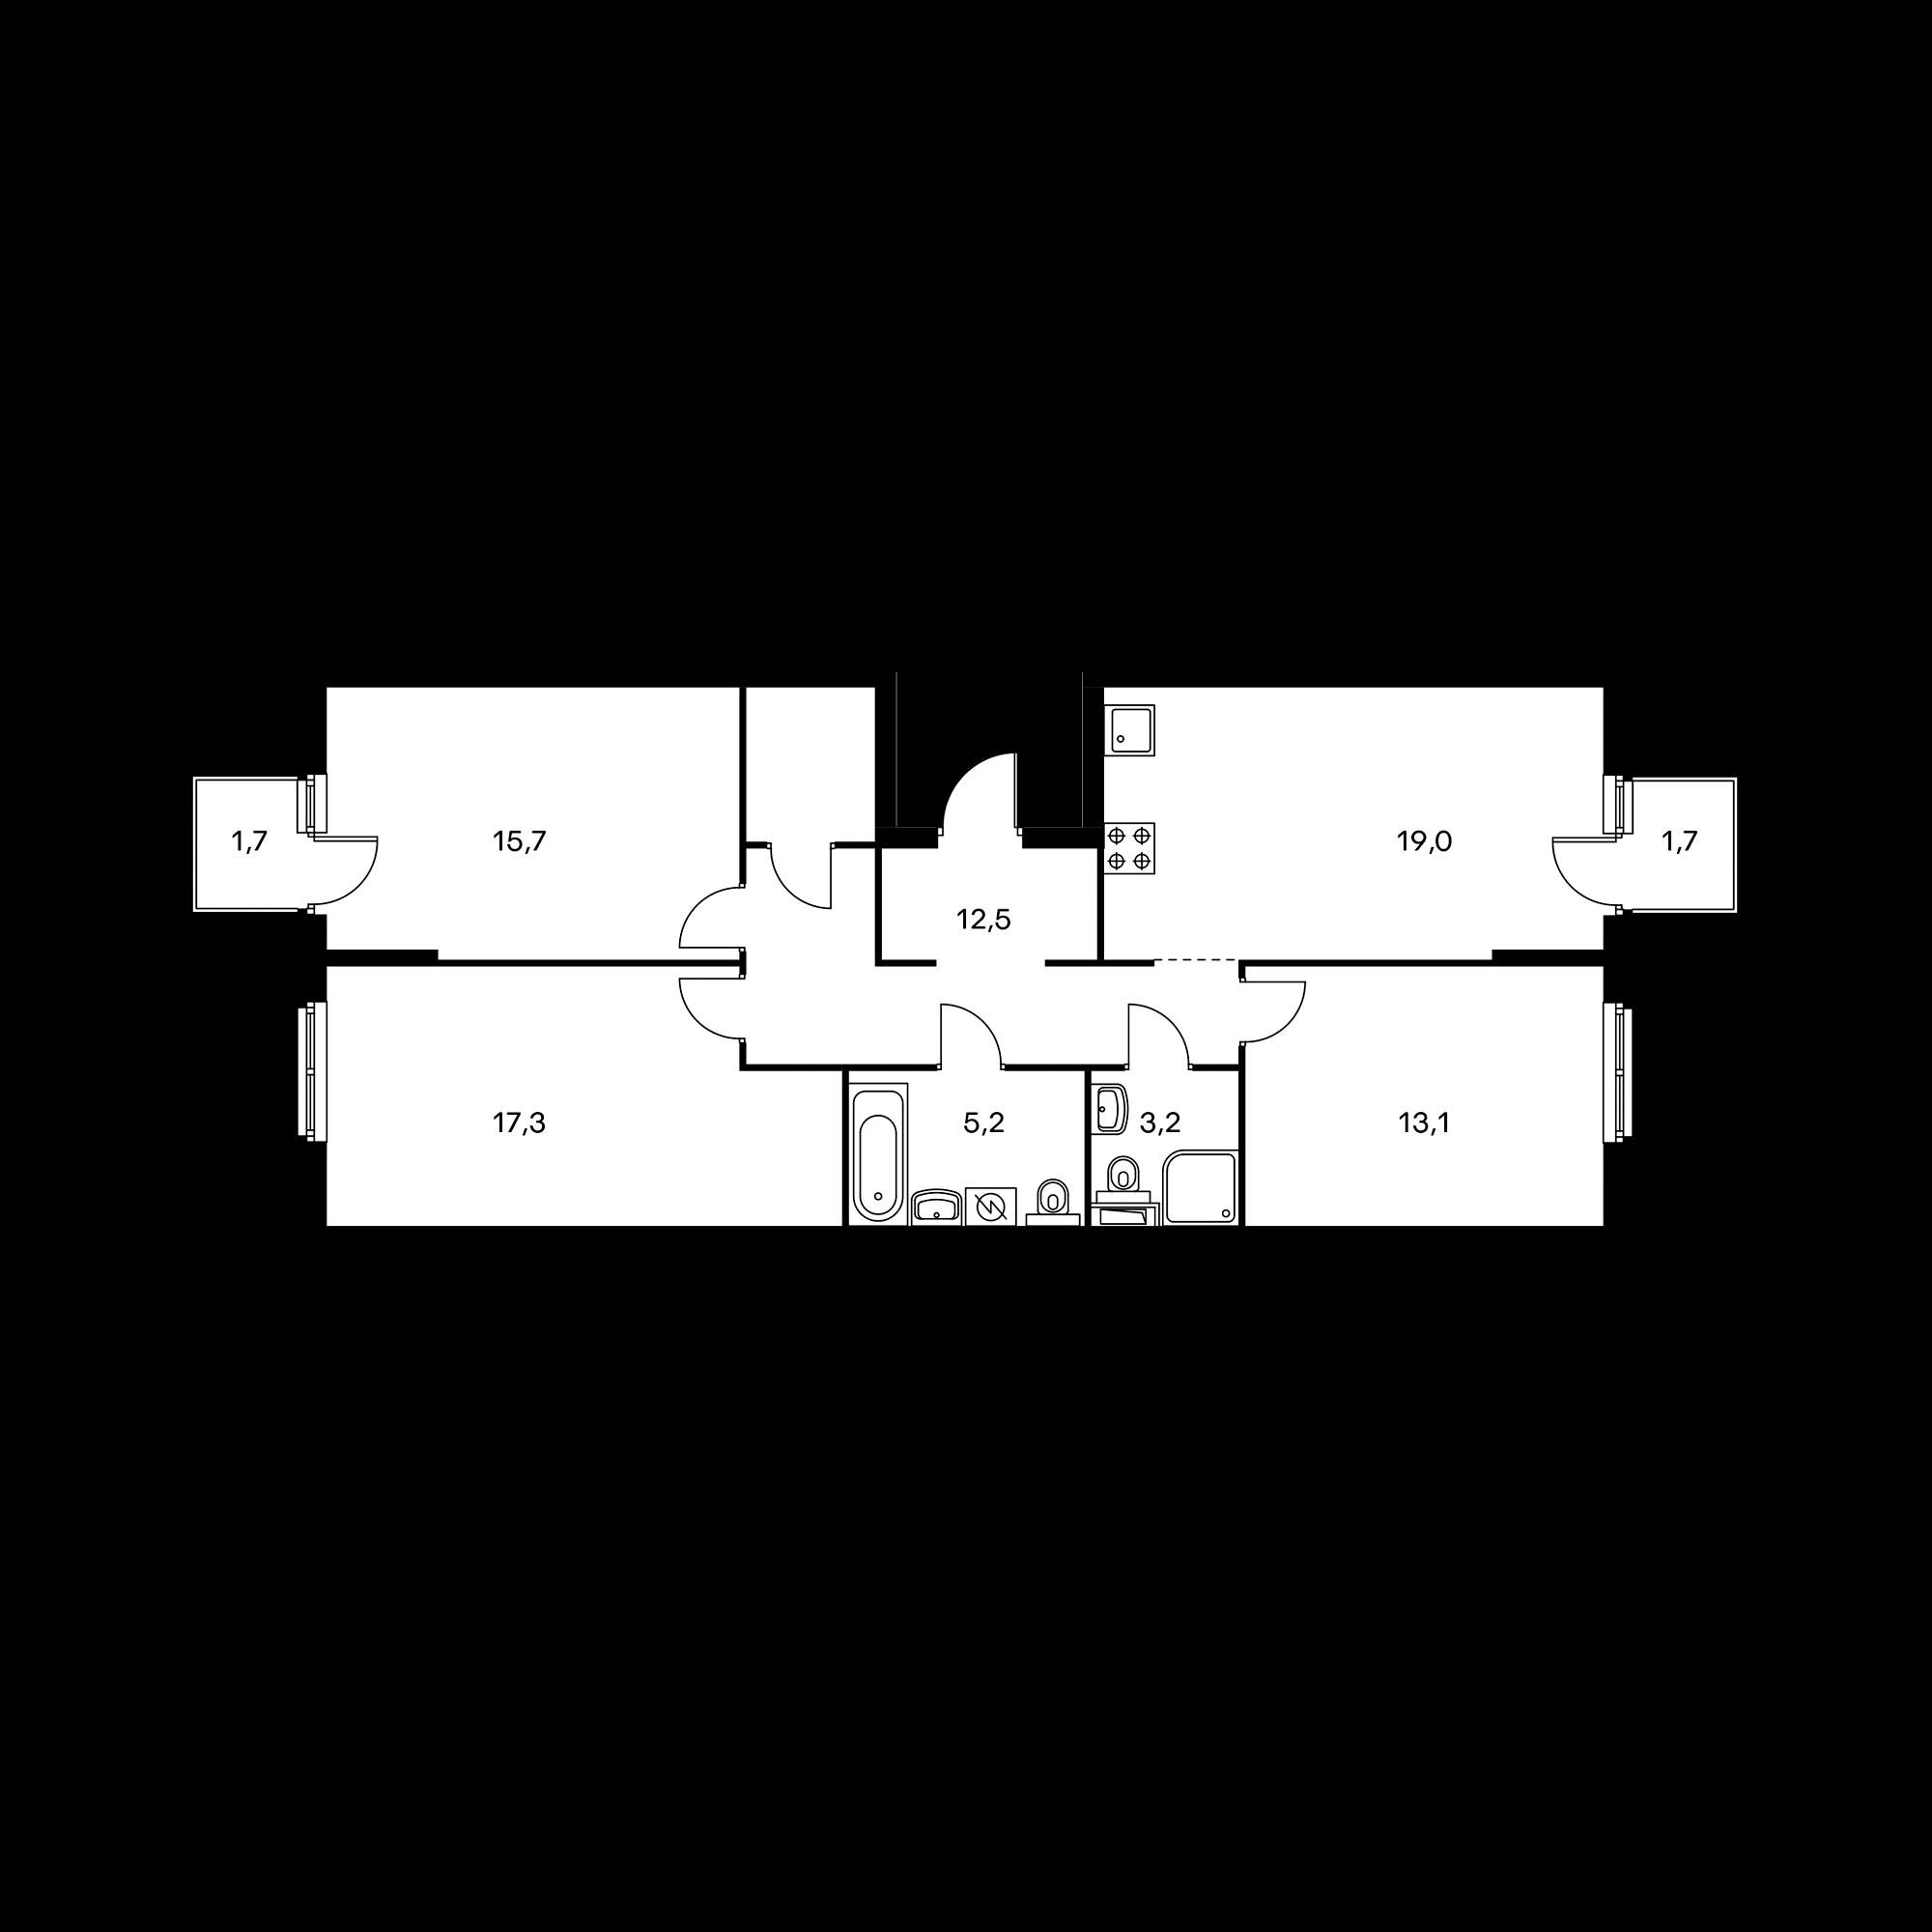 3EL5_6.6-B1